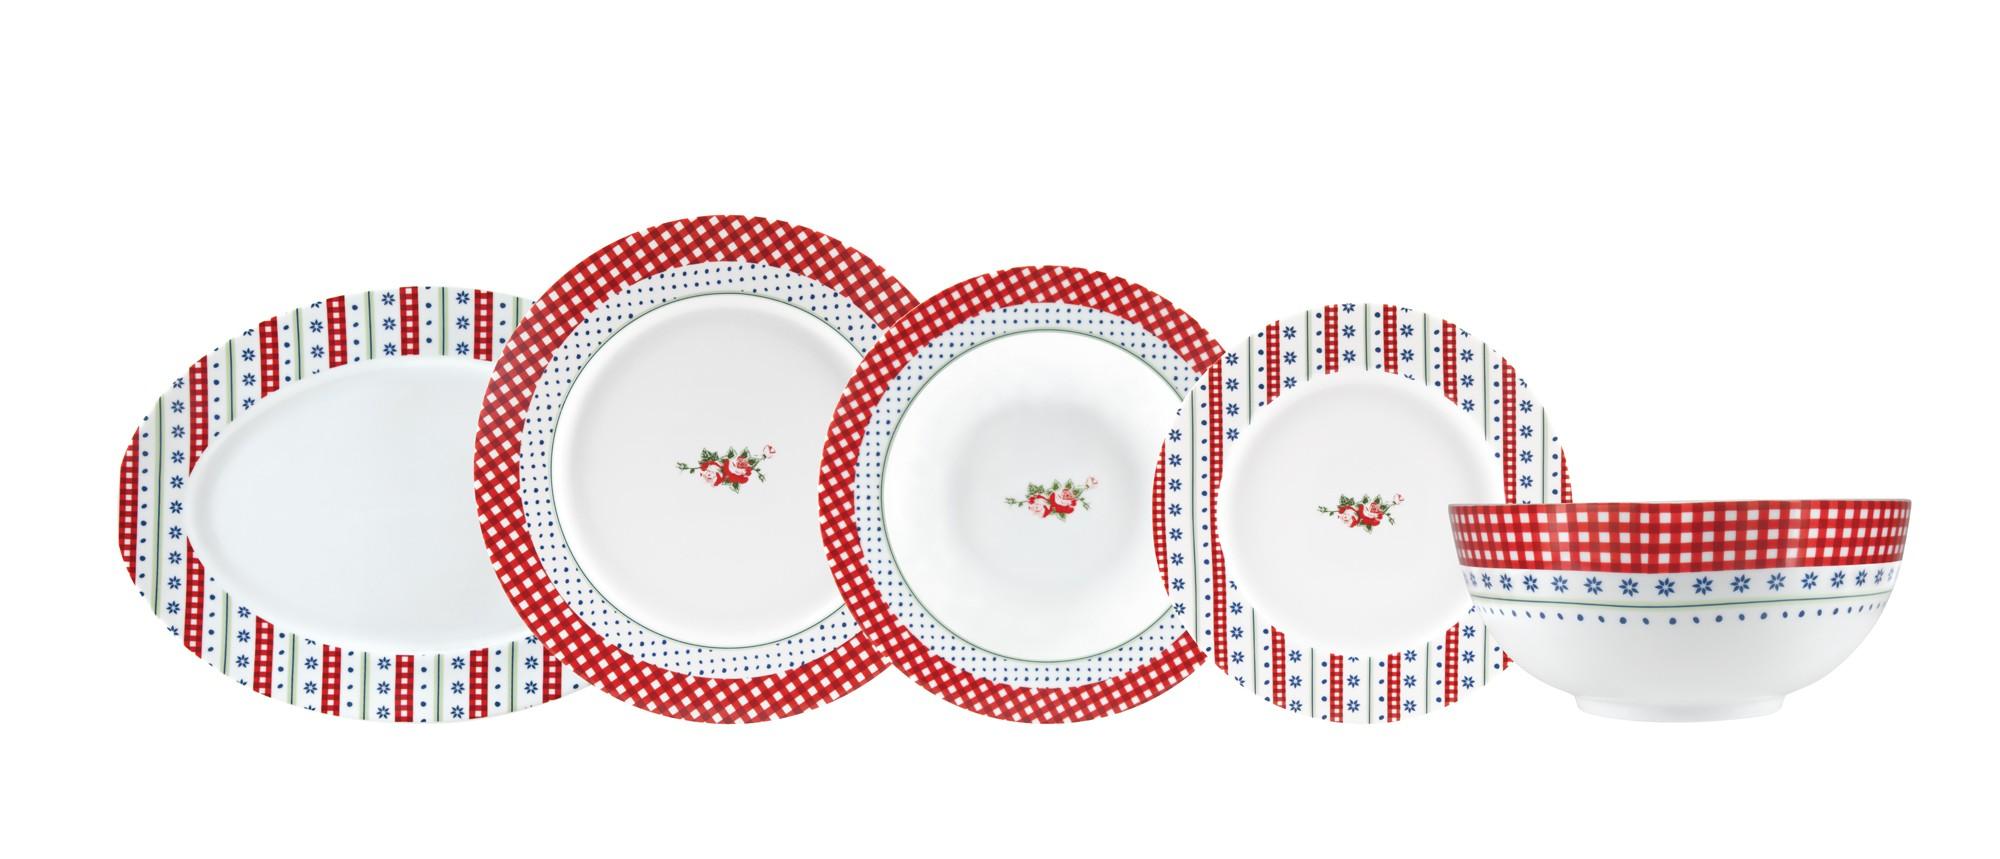 Σερβίτσιο Φαγητού Anthology 20τμχ. Ionia home   ειδη σερβιρισματος   πιάτα   σερβίτσια